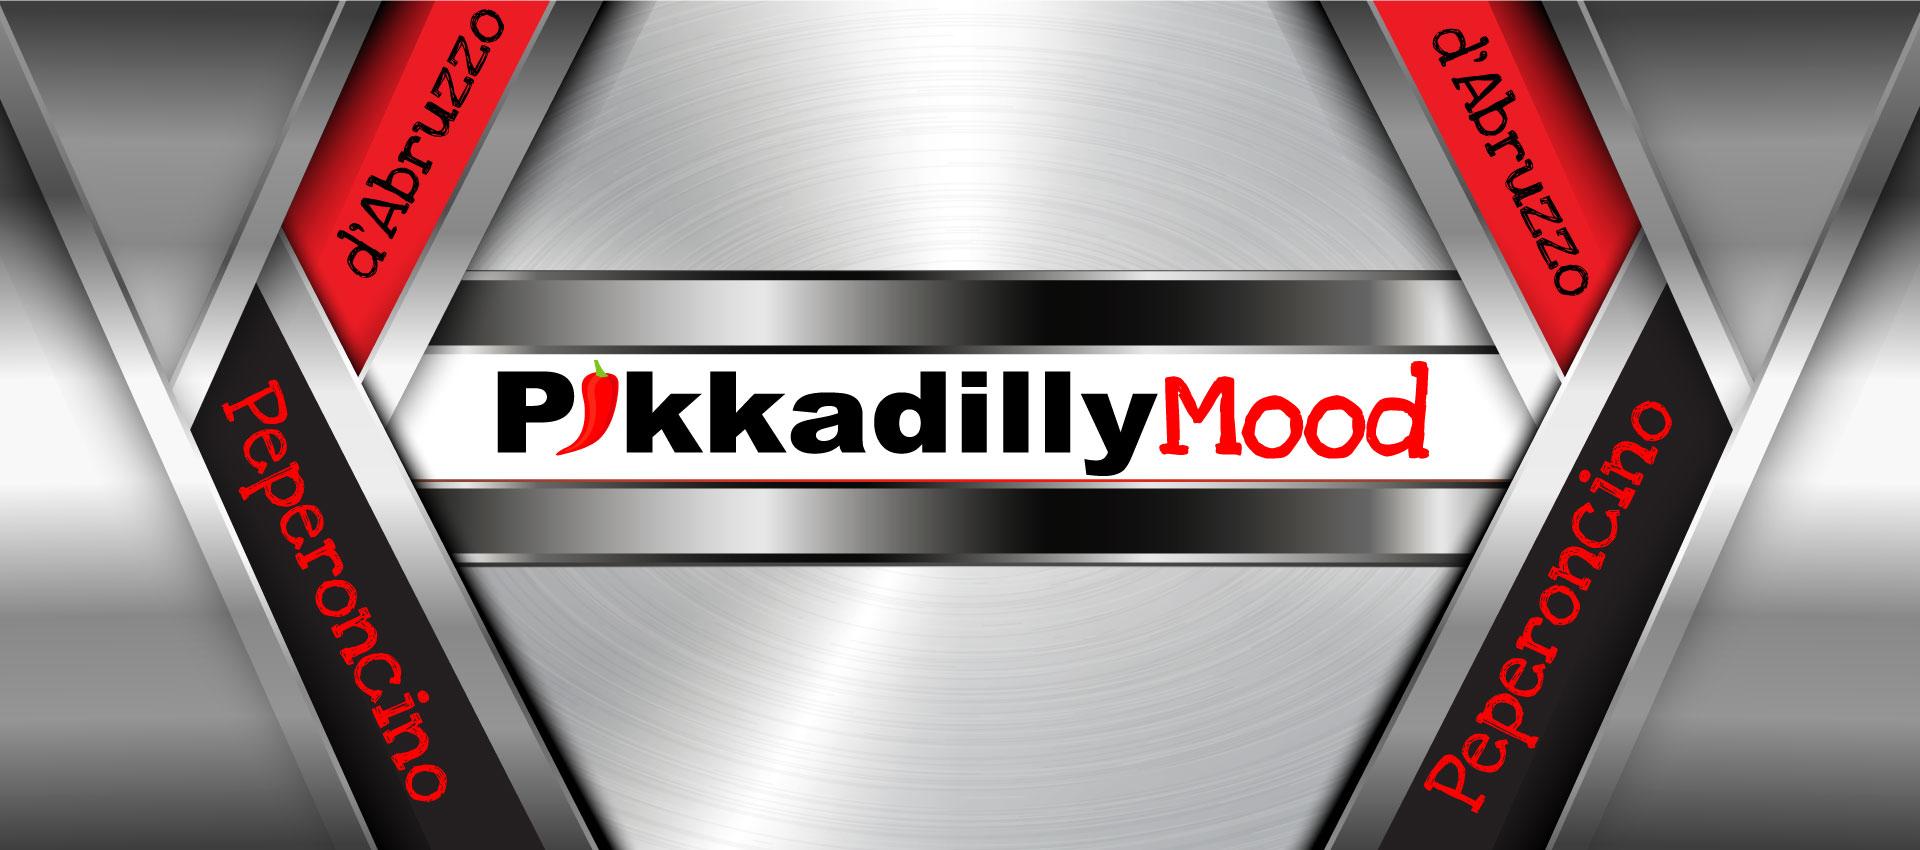 Kasauria_sito_copertina_pikkadilly